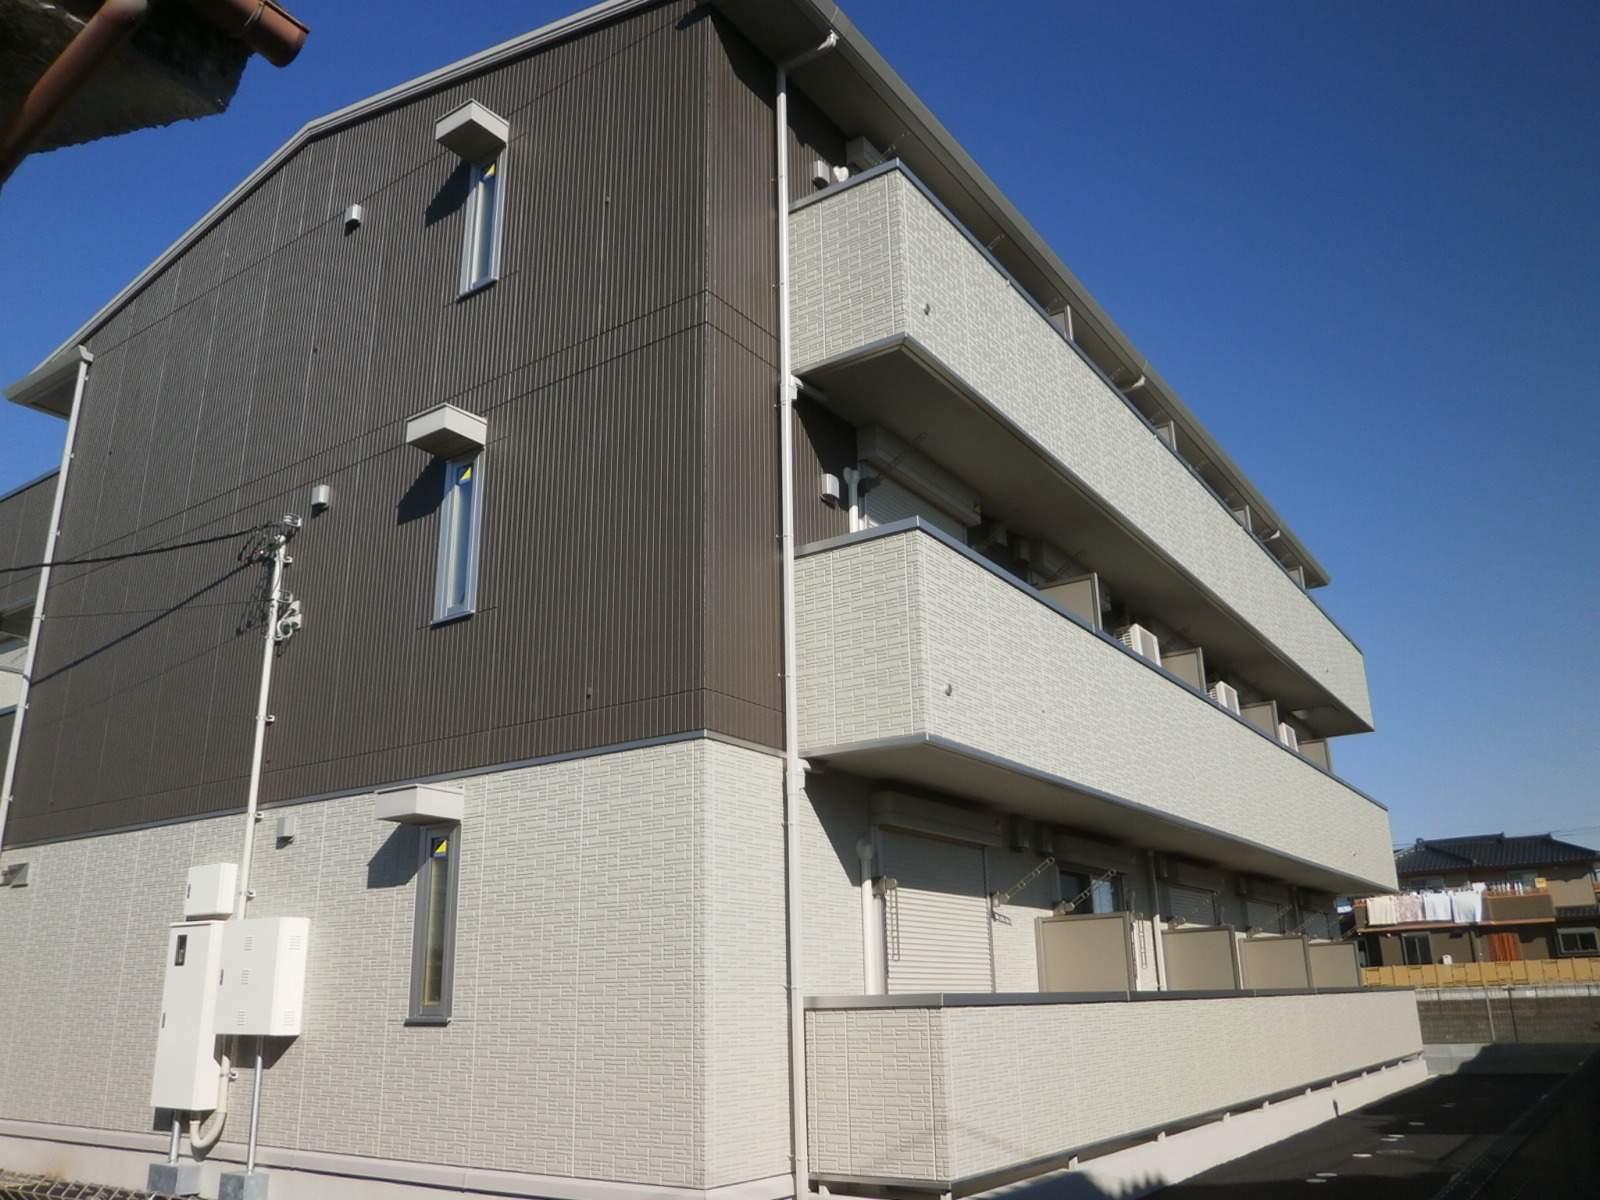 埼玉県草加市、谷塚駅徒歩26分の築3年 3階建の賃貸アパート